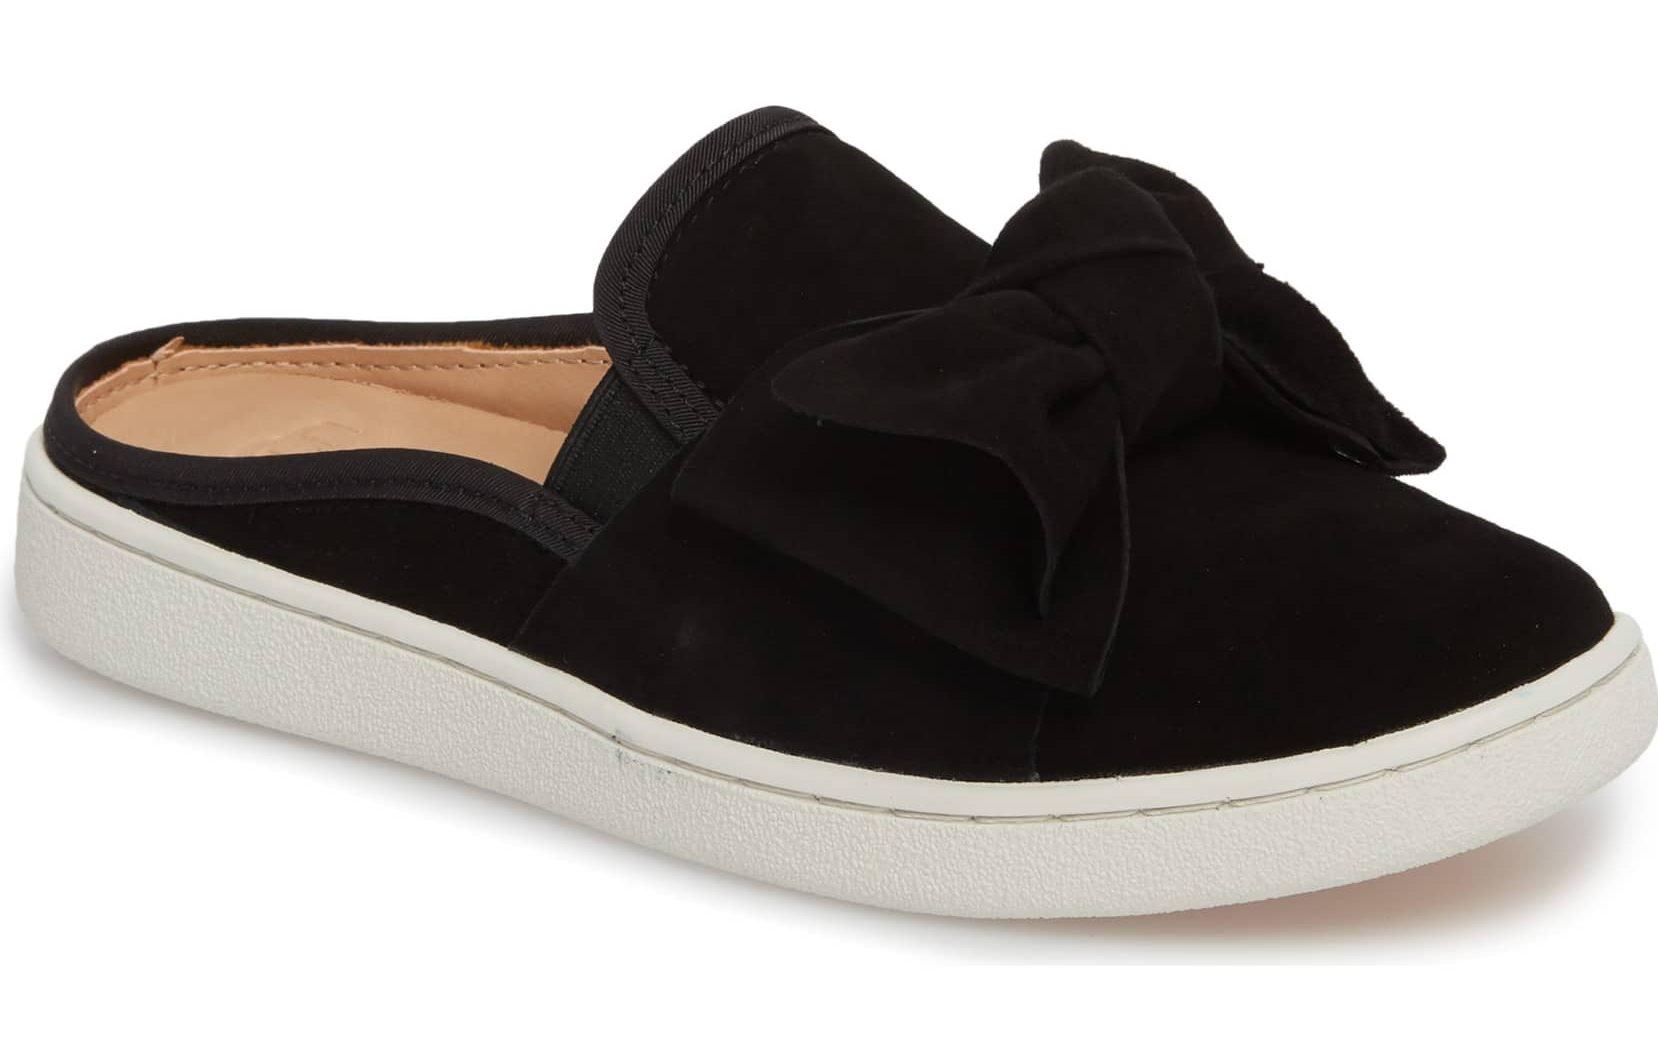 ugg mule flat slides sneakers black